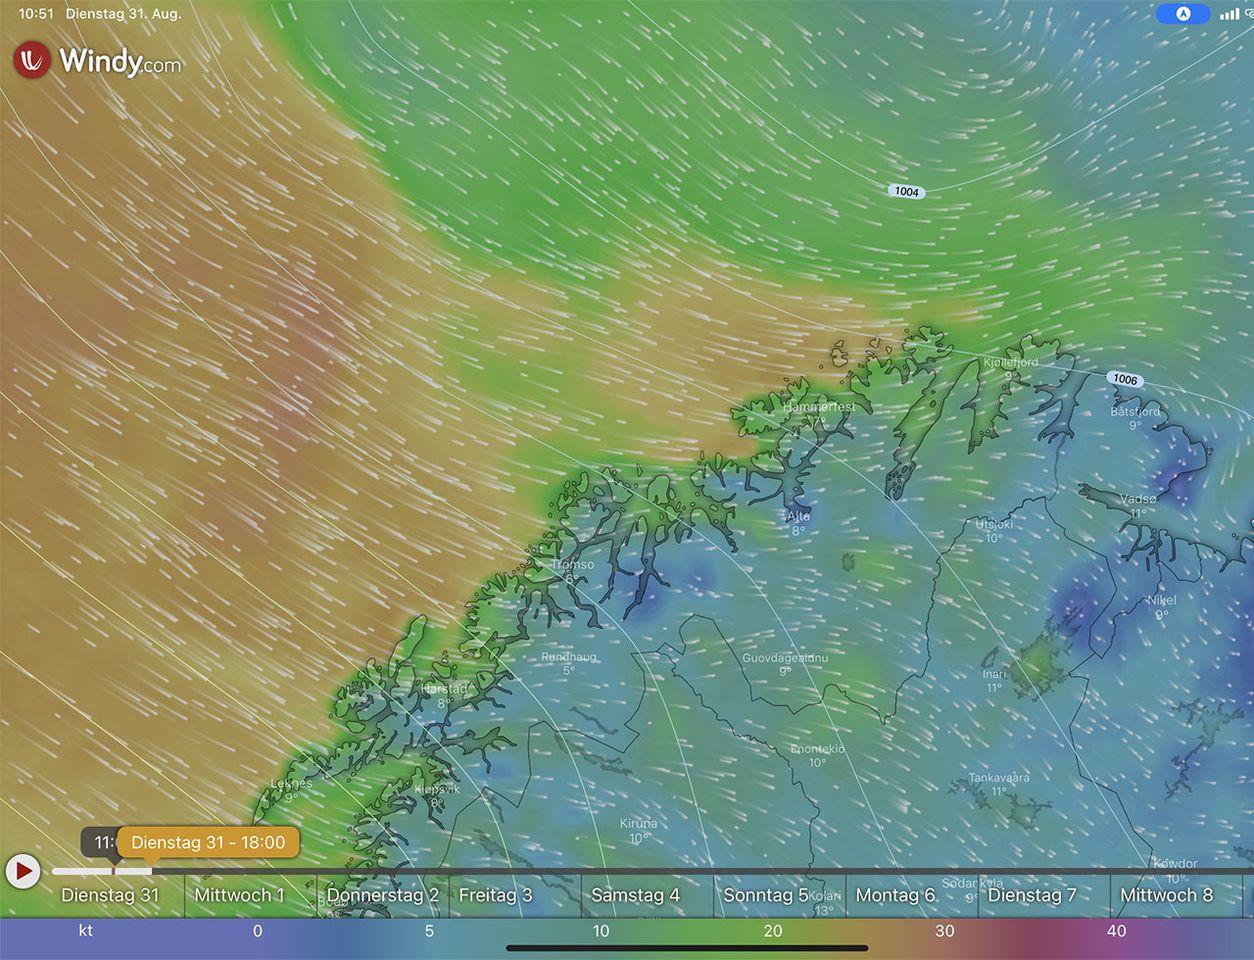 Windy, Wetterlage 31.08.2021